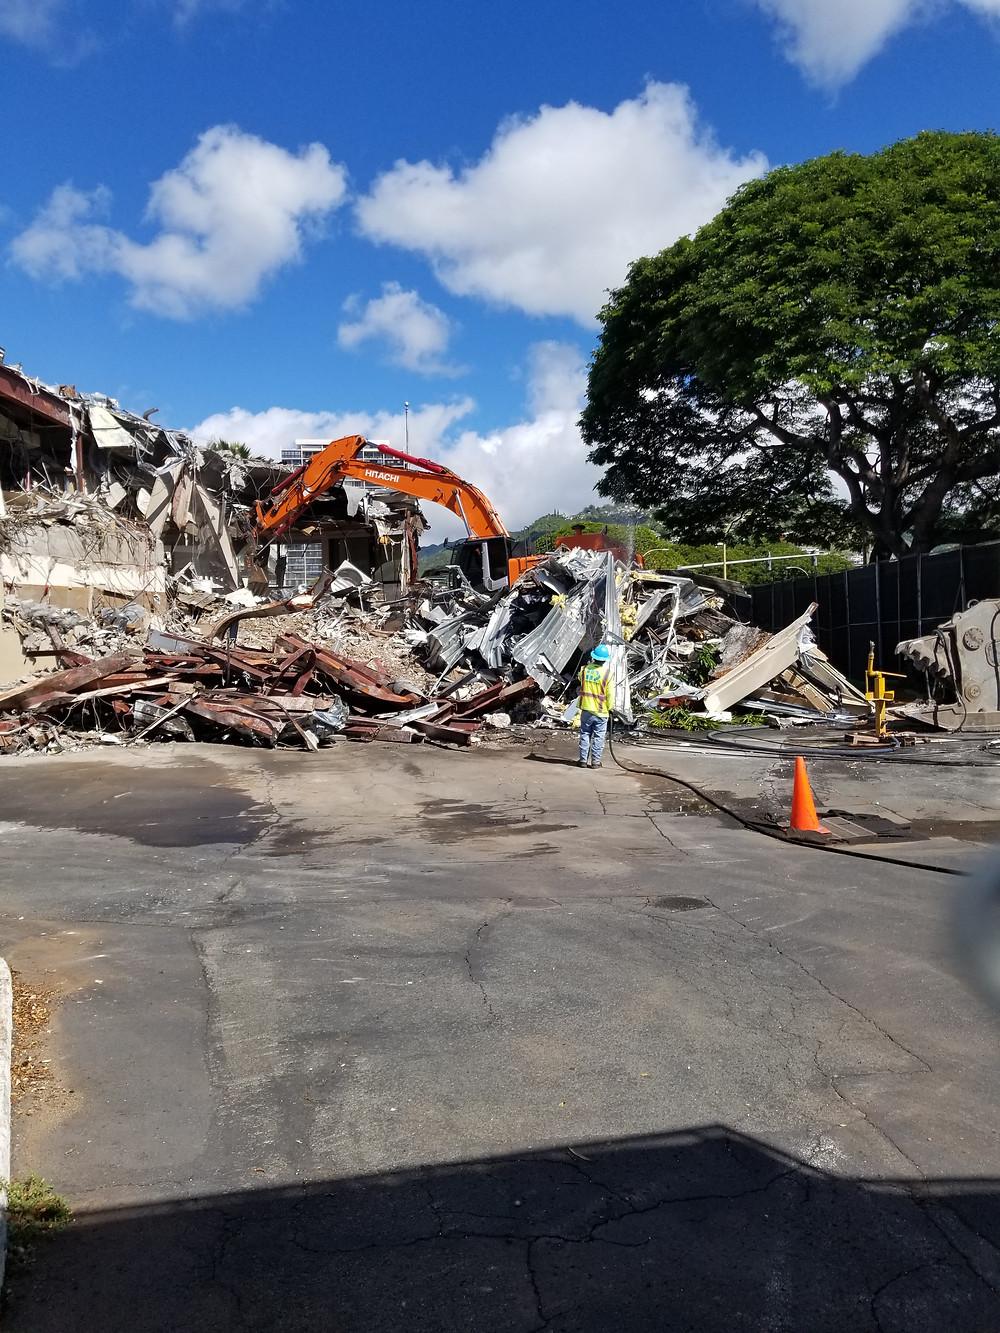 HawaiiLoves Art Bank of Hawaii Kahala being demolished